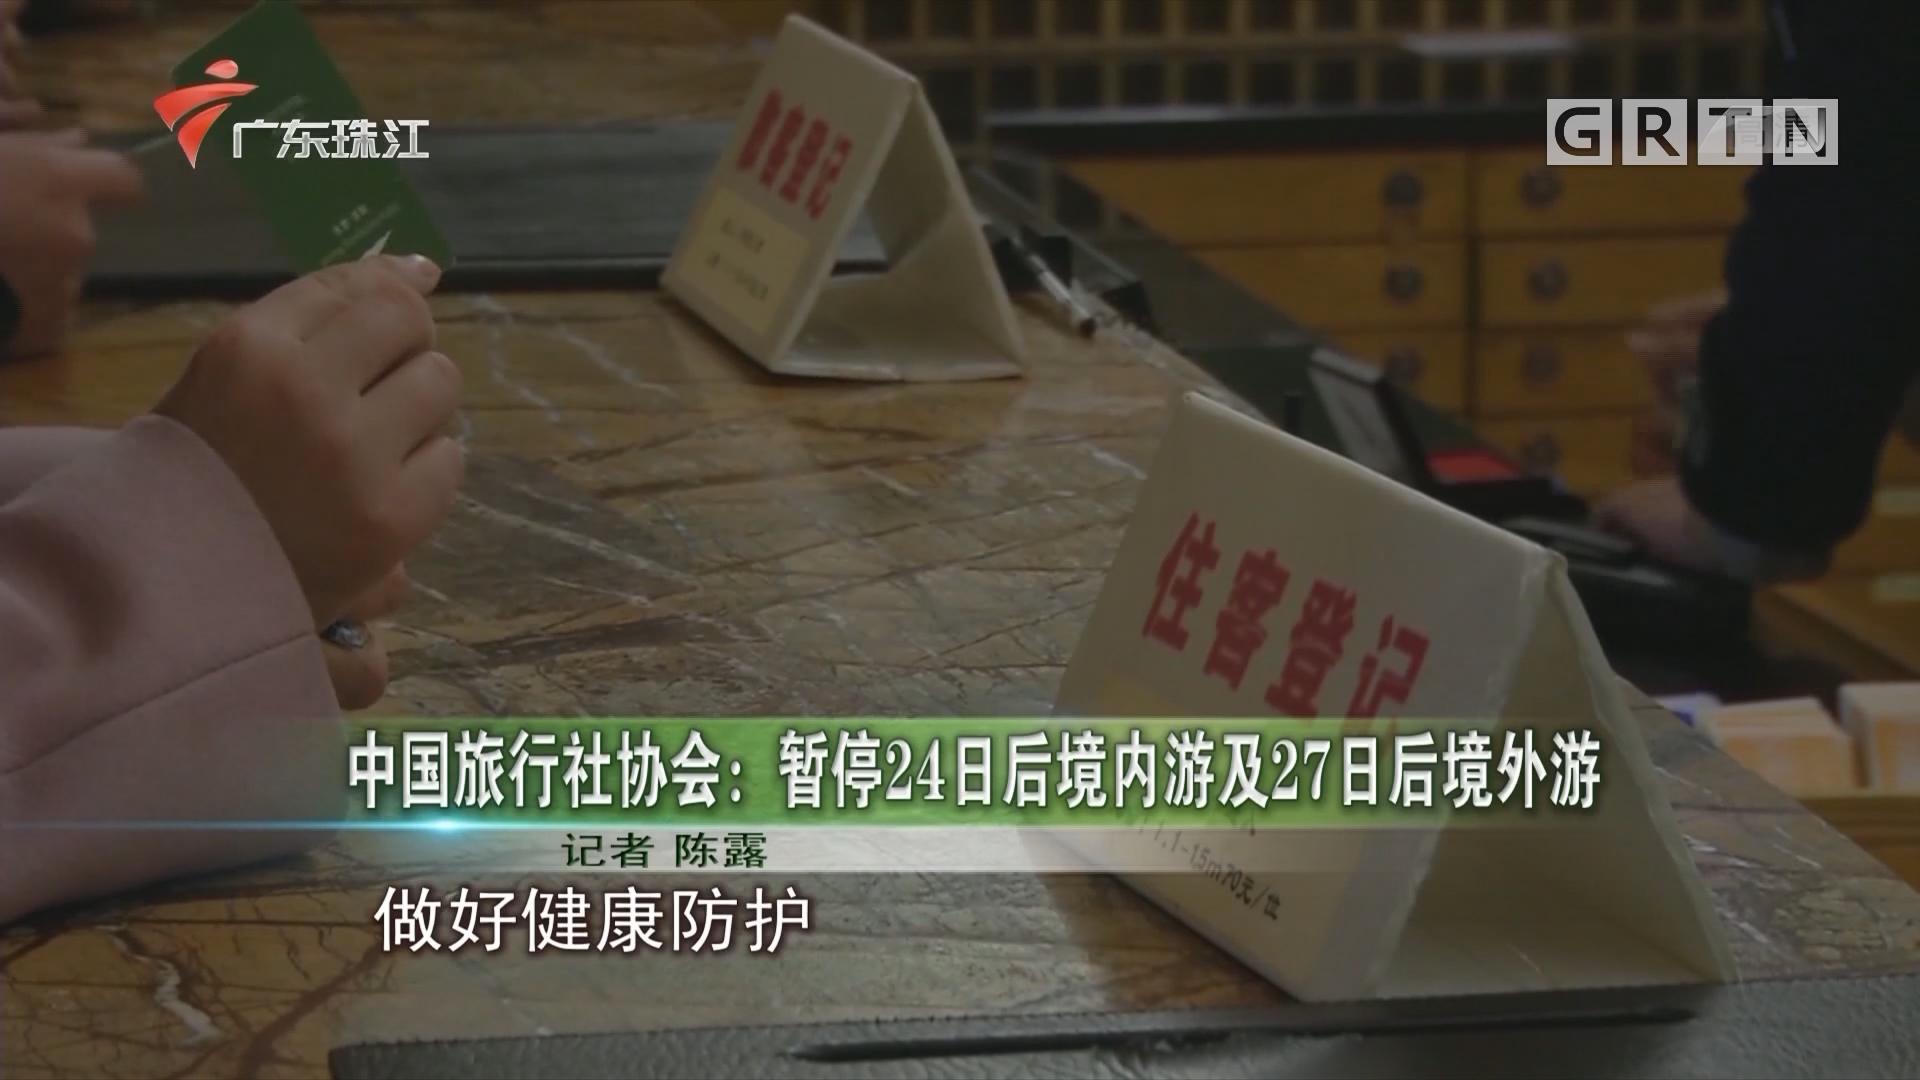 中国旅行社协会:暂停24日后境内游及27日后境外游